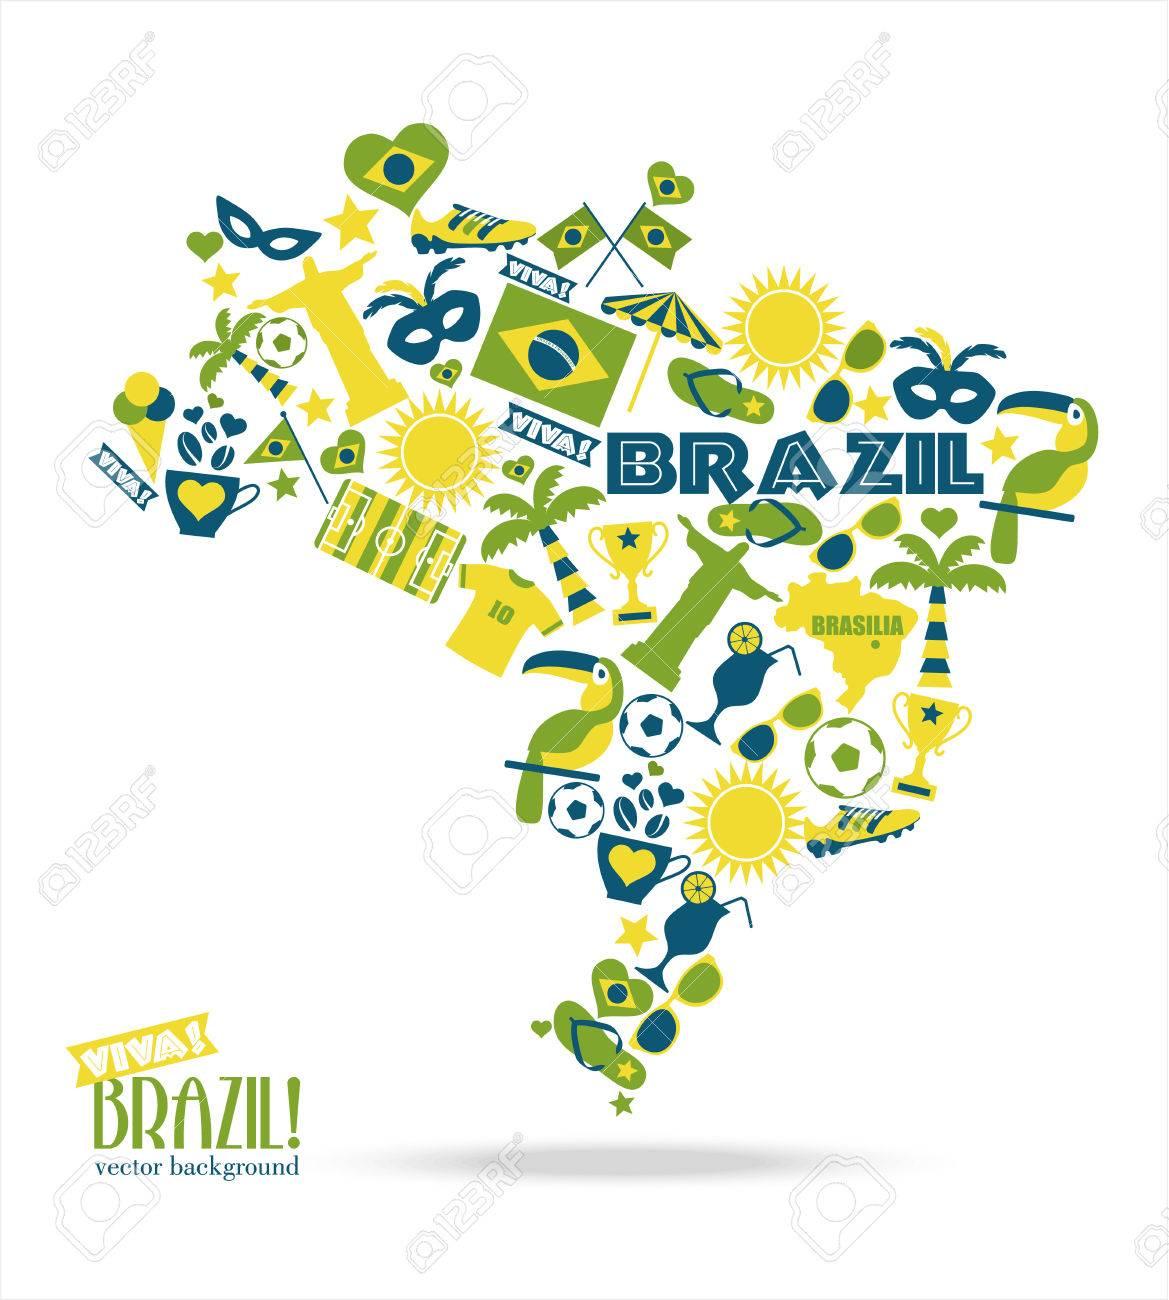 Brazil Background Illustration Map Of Brasil Royalty Free - Brazil map illustration